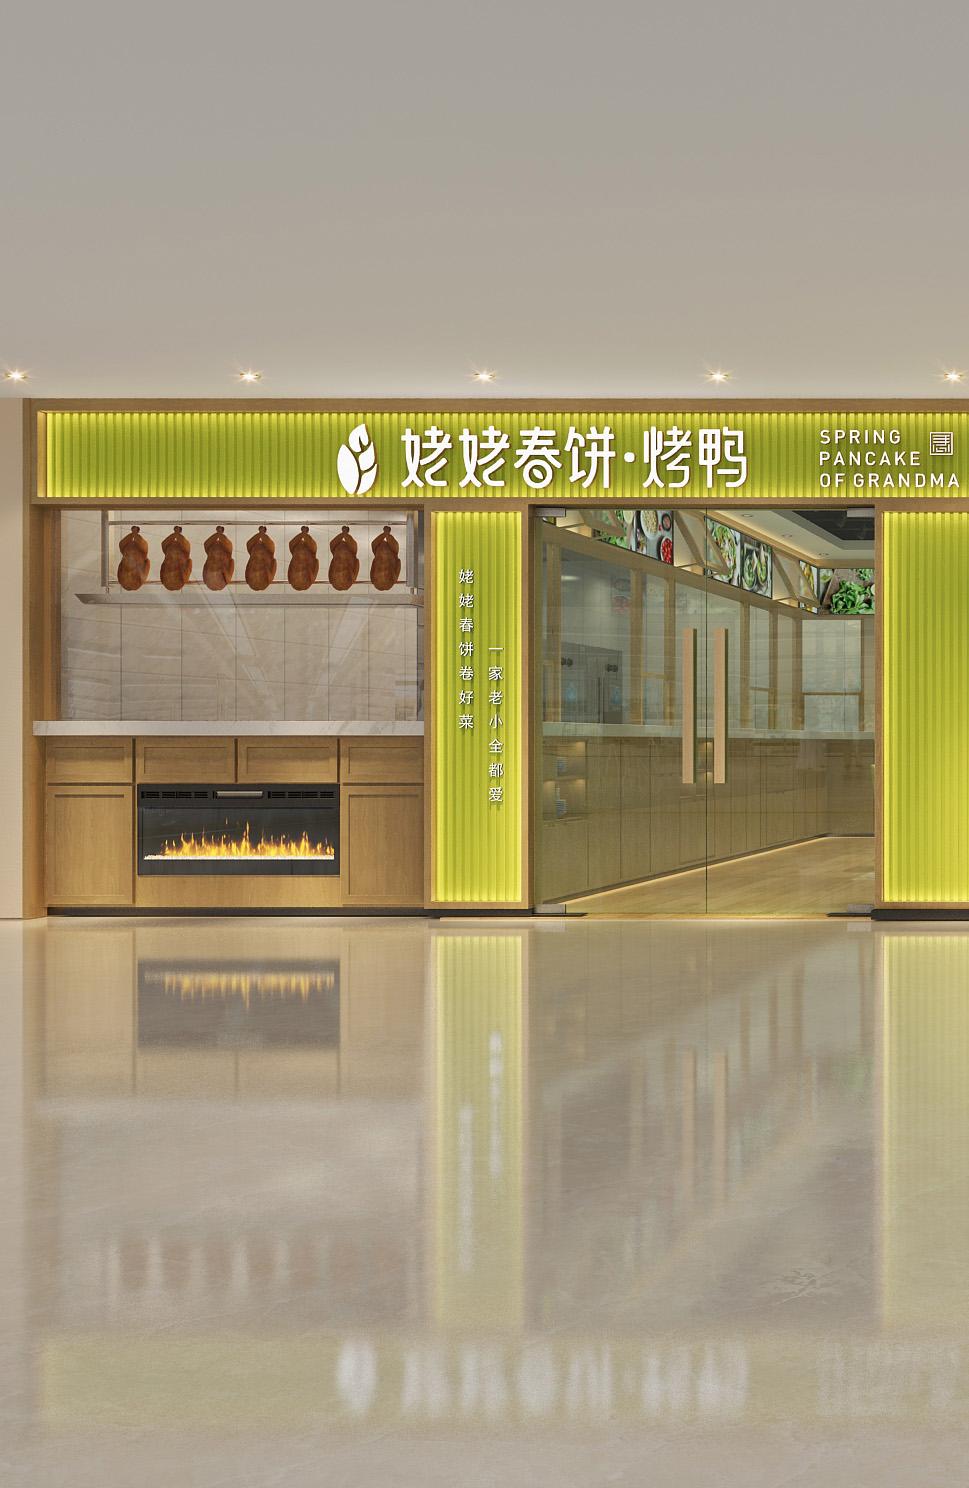 姥姥春餅(盛龍廣場店)休閑餐(can)廳設計效果圖